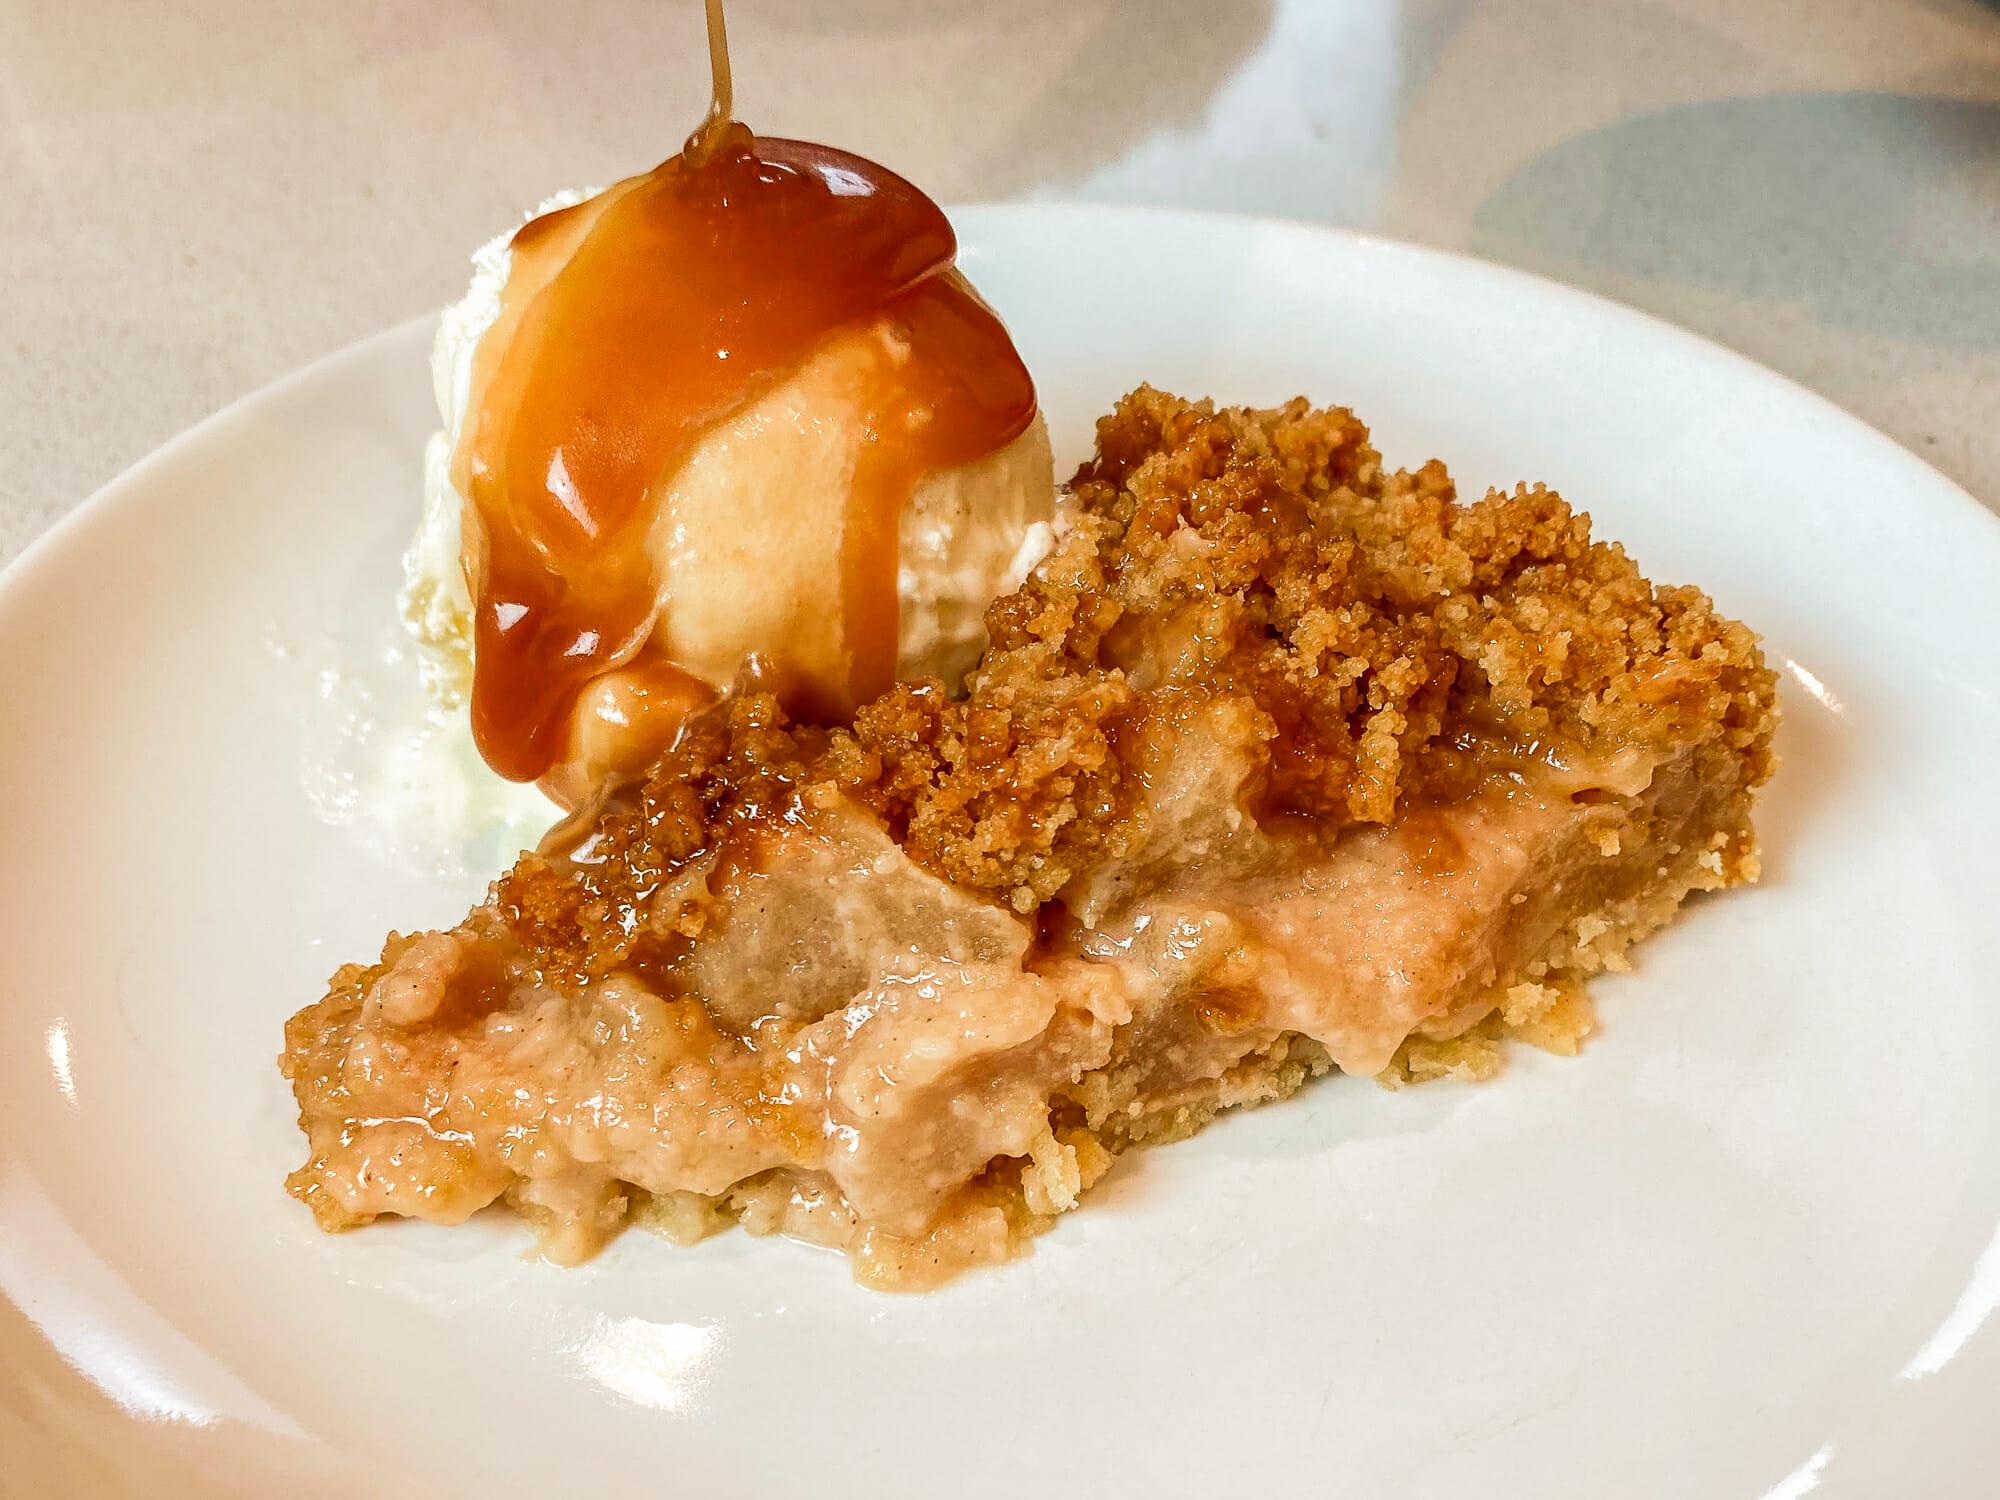 Foto da torta de maçã com caramelo em um prato branco, com uma bola de sorvete ao lado coberta por calda de caramelo.